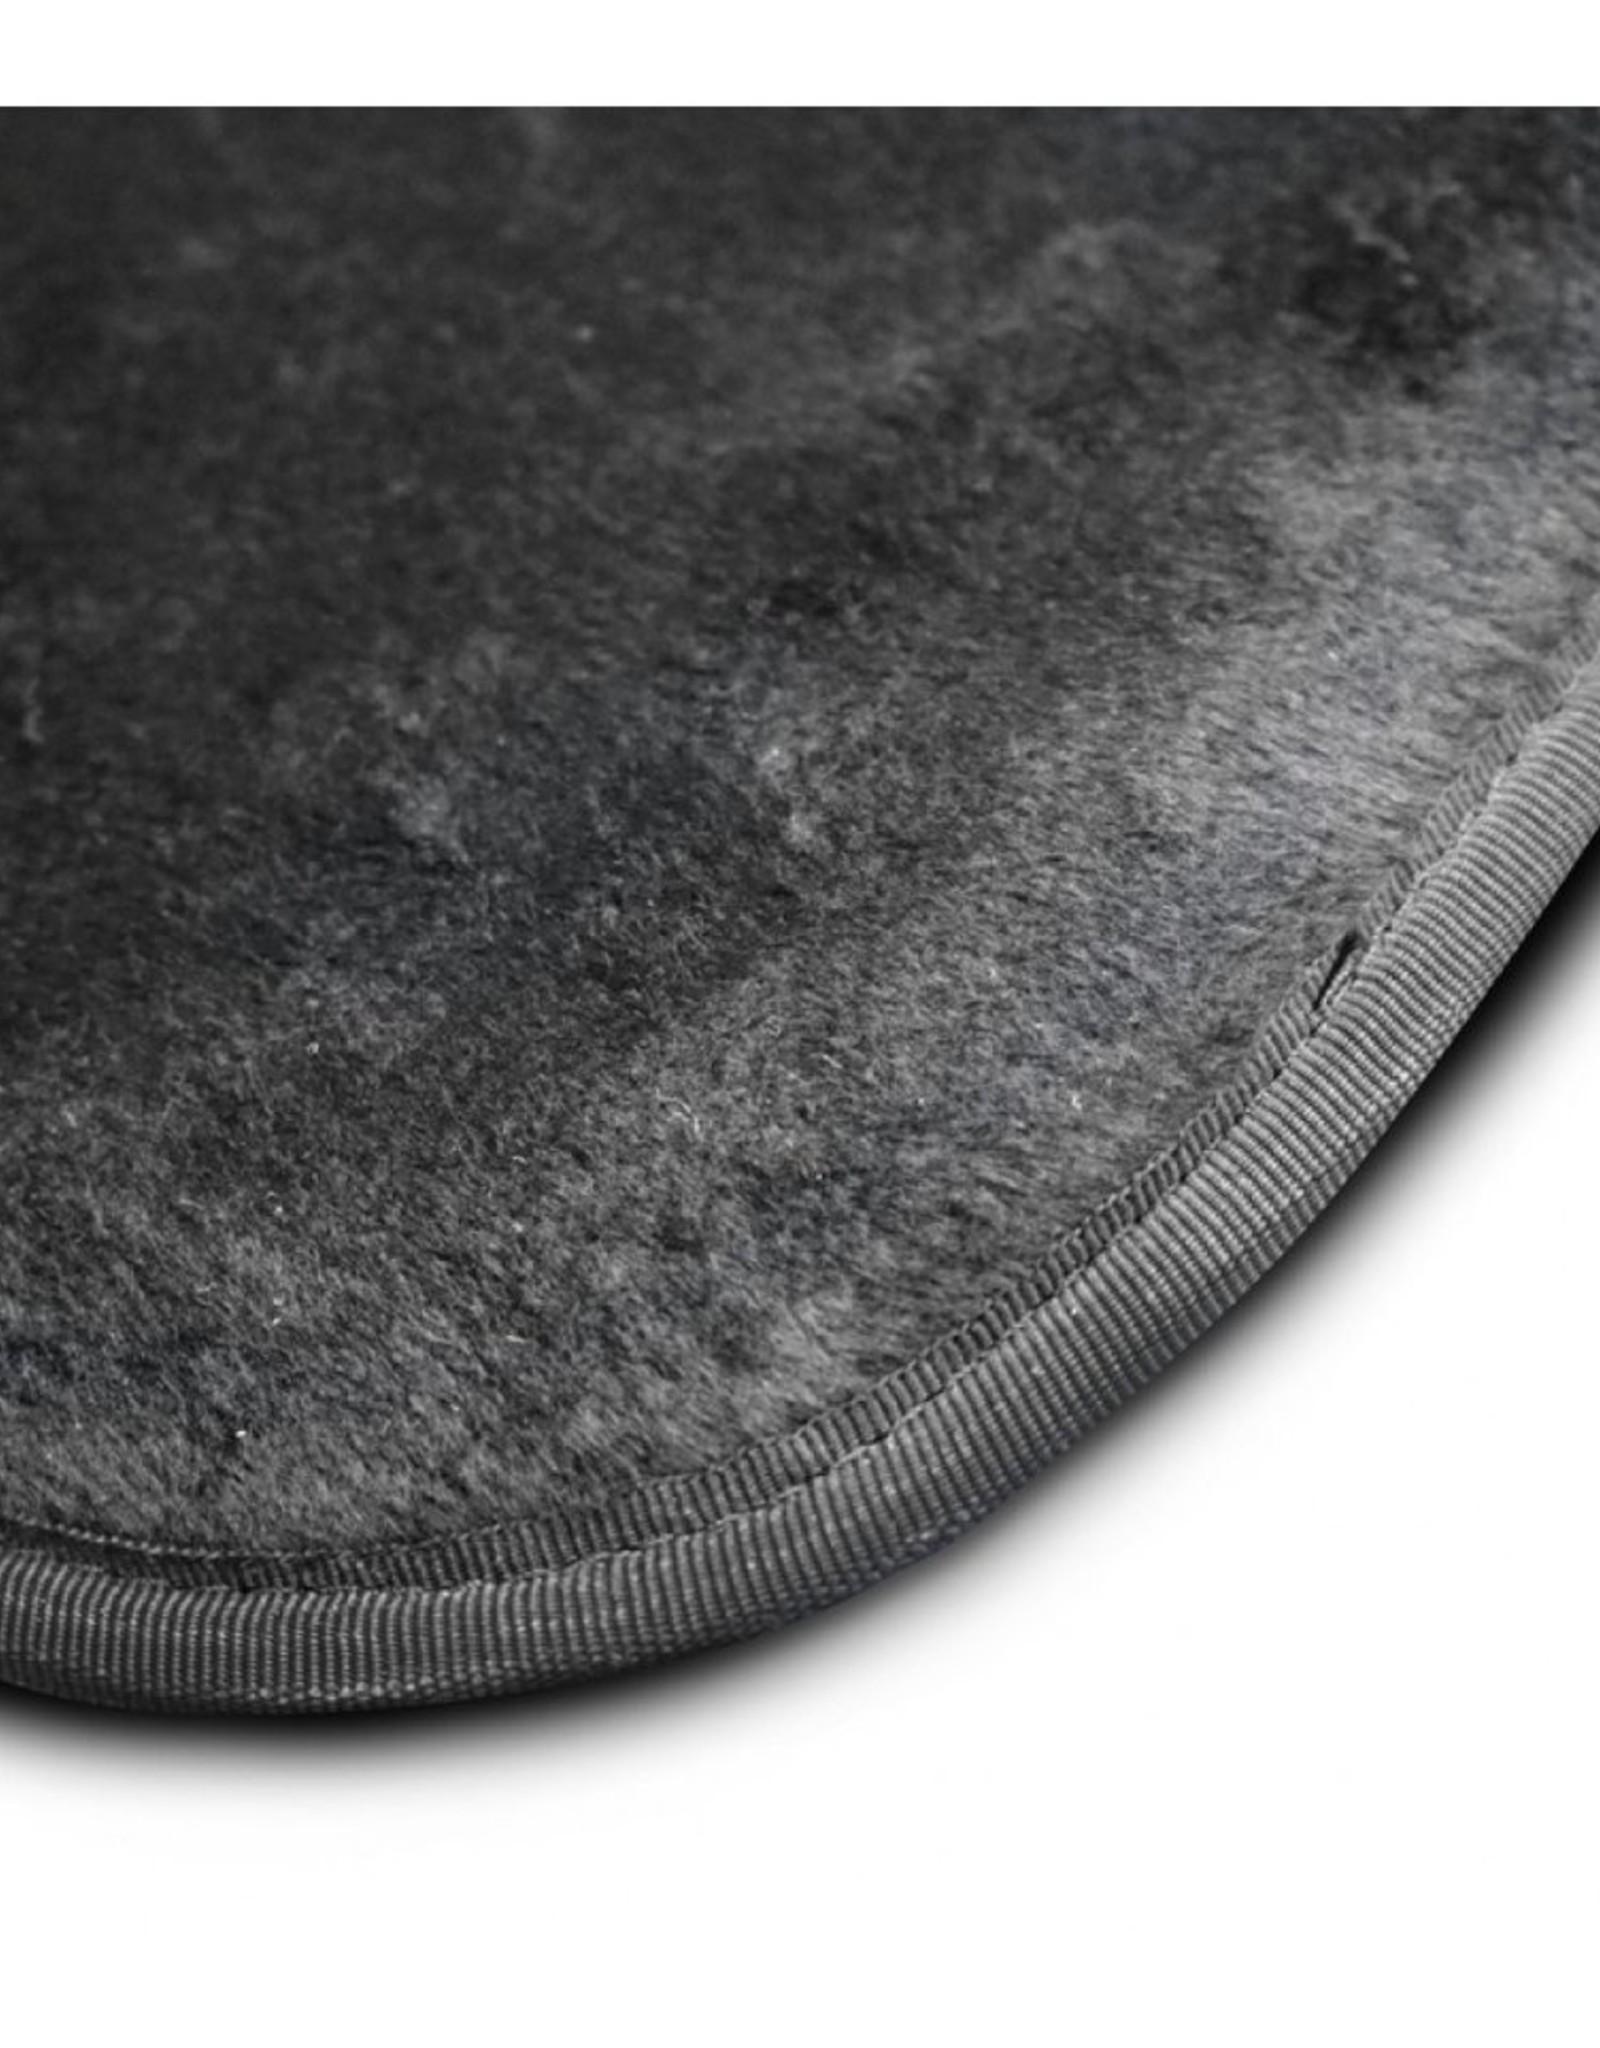 Yakima Yakima GateKeeper Tailgate Pad: Large Black